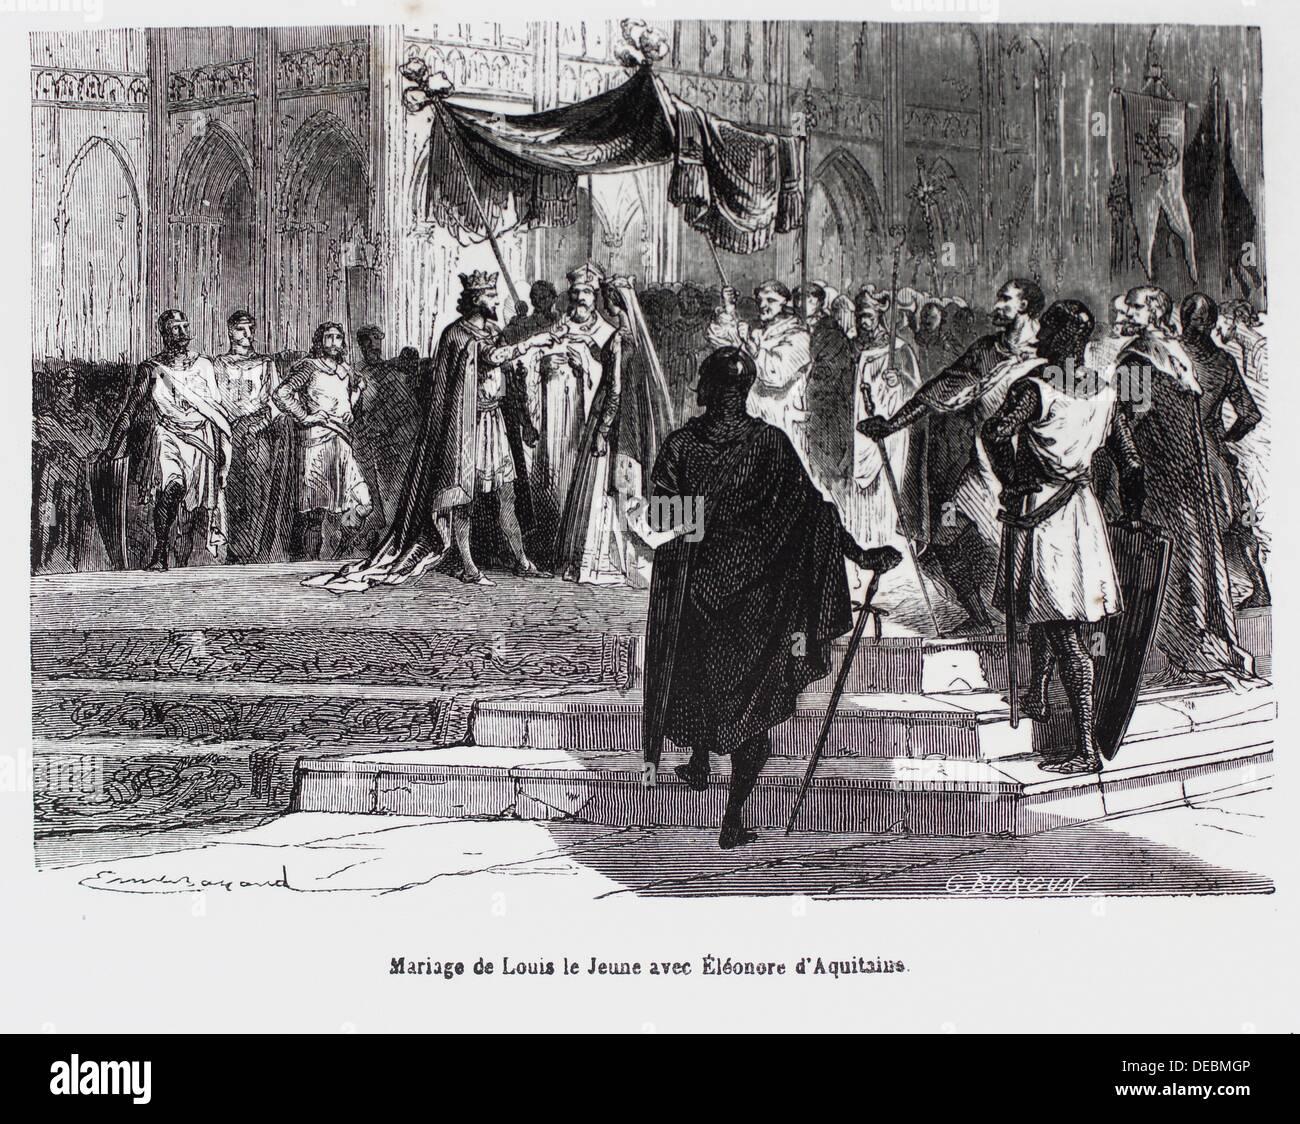 France-History- ´ Mariage de Louis le Jeune avec Ëléonore d´Aquitaine´ - Louis VII called - Stock Image